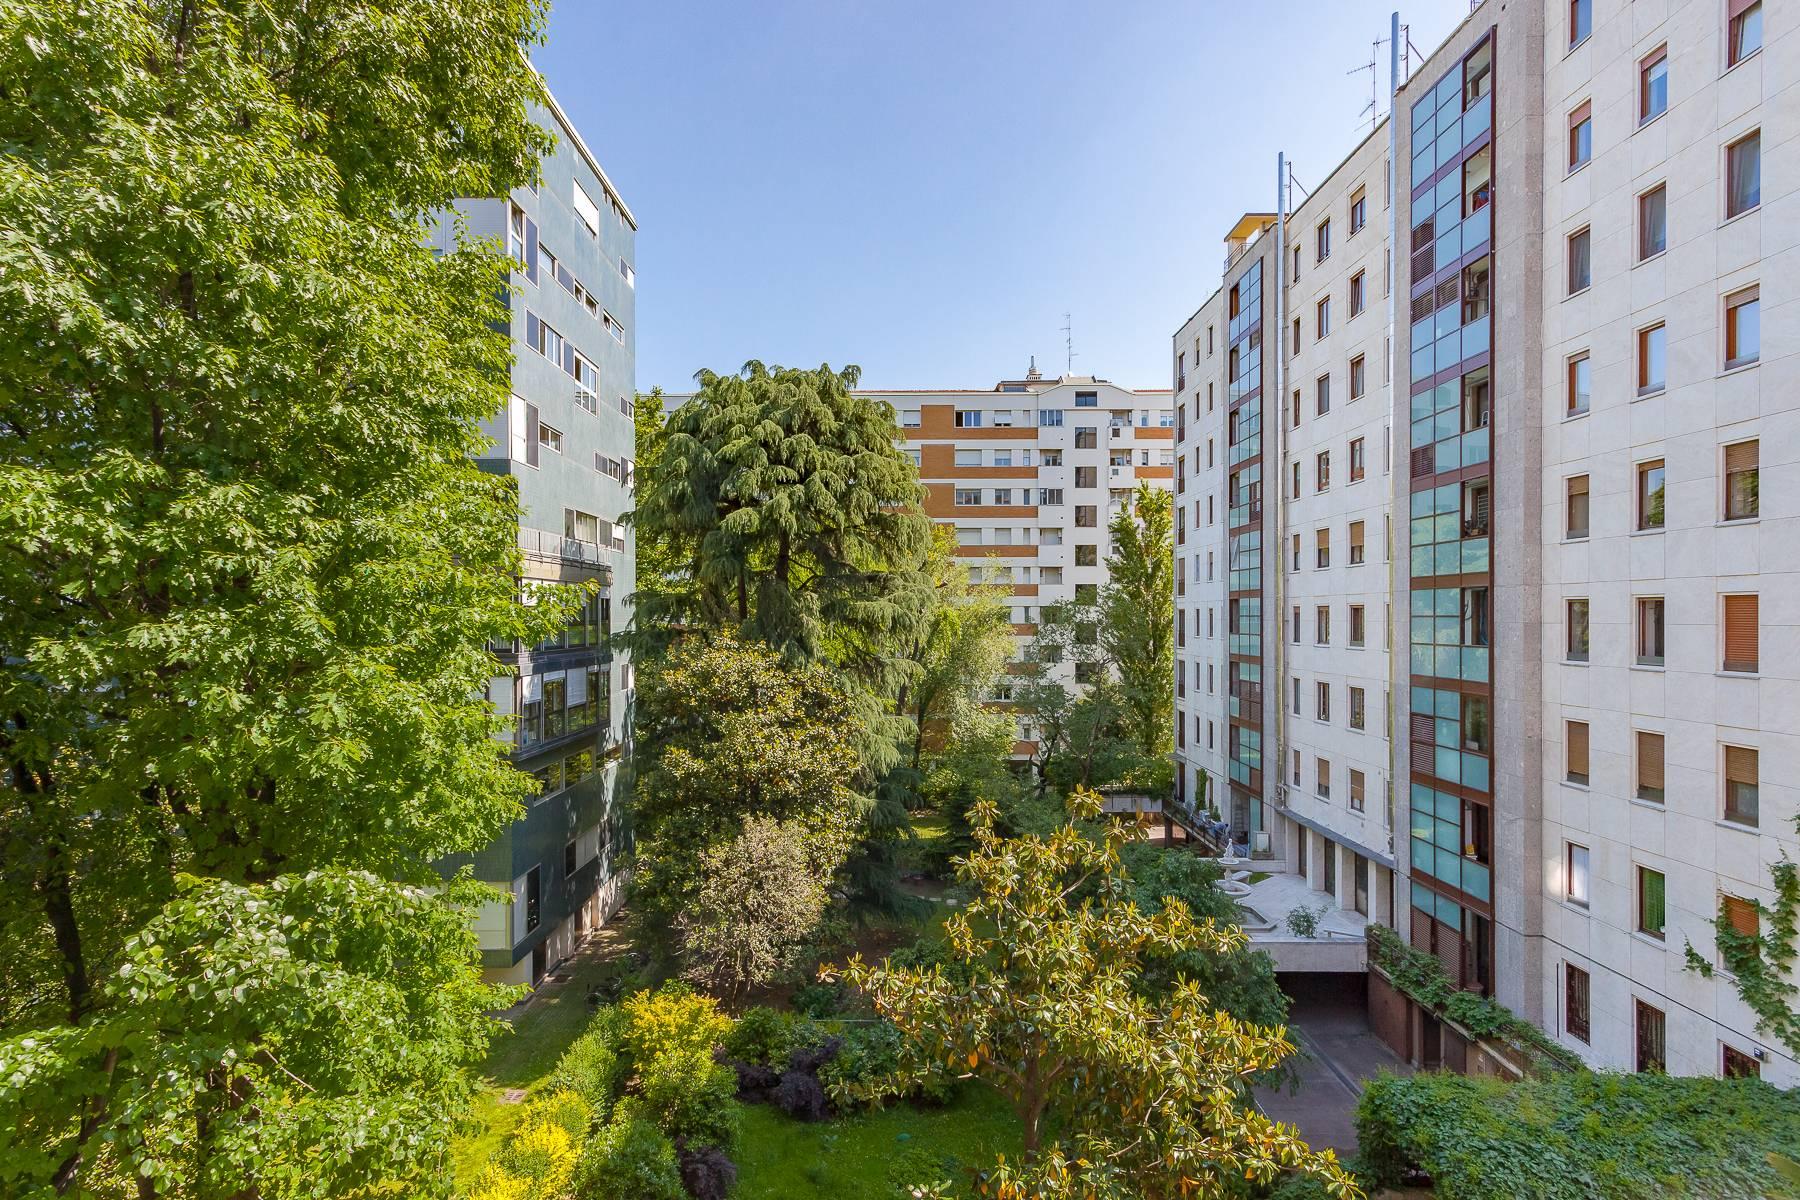 Appartamento in Vendita a Milano: 5 locali, 150 mq - Foto 2